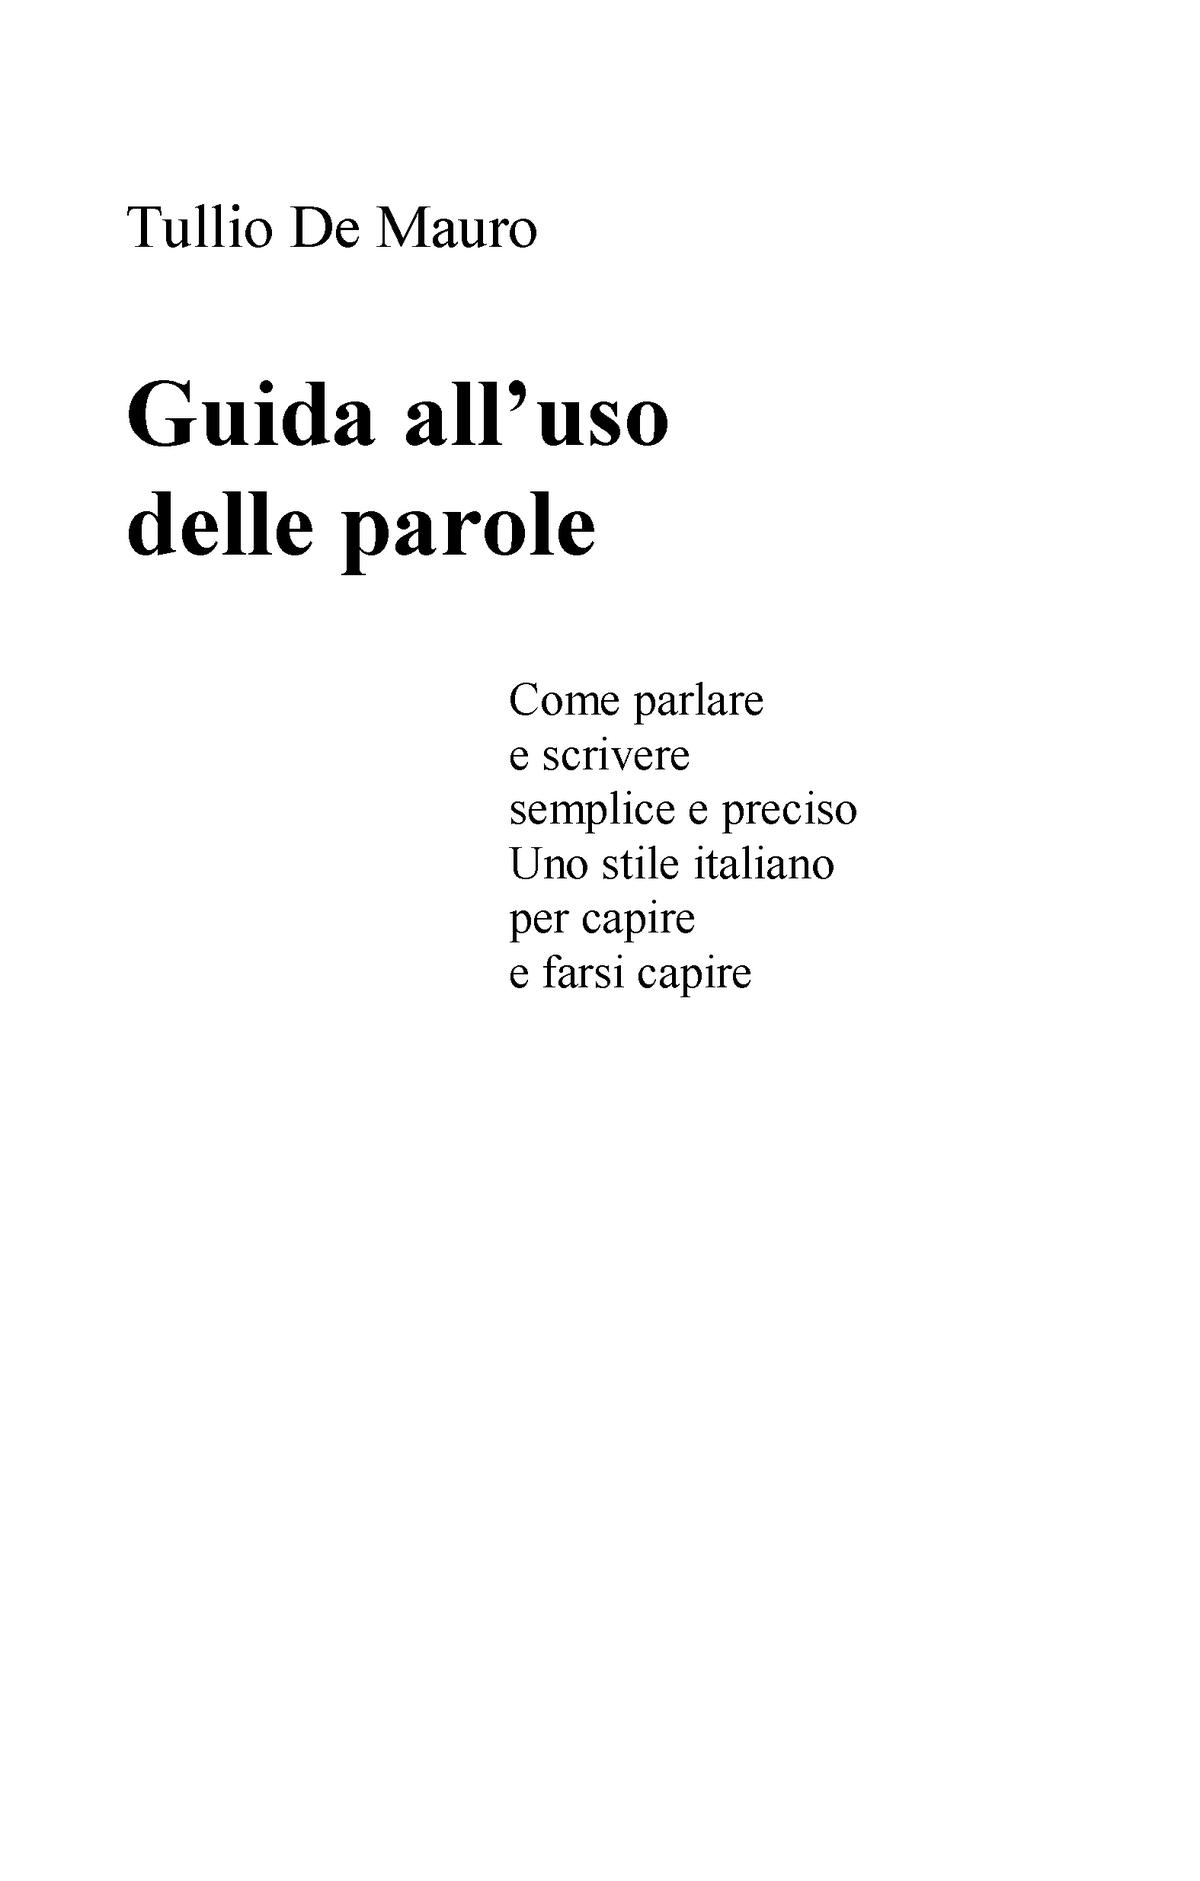 Guida Uso Parole Testo di Tullio De Mauro utile per